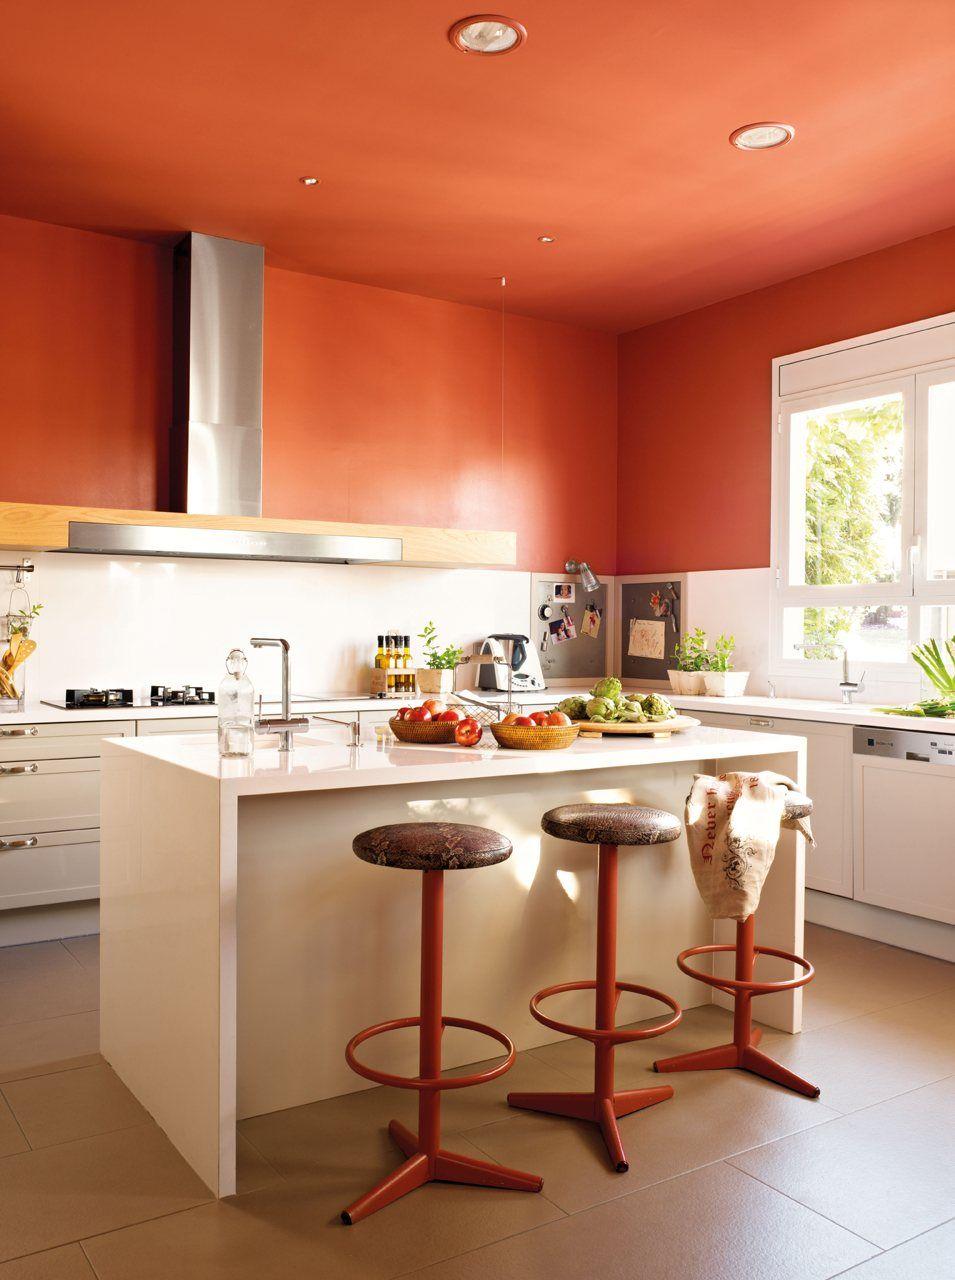 Cocina Con Isla En Blanco Y Rojo Con Muebles De Eilin Y Encimera  # Muebles De Cocina Gaggenau